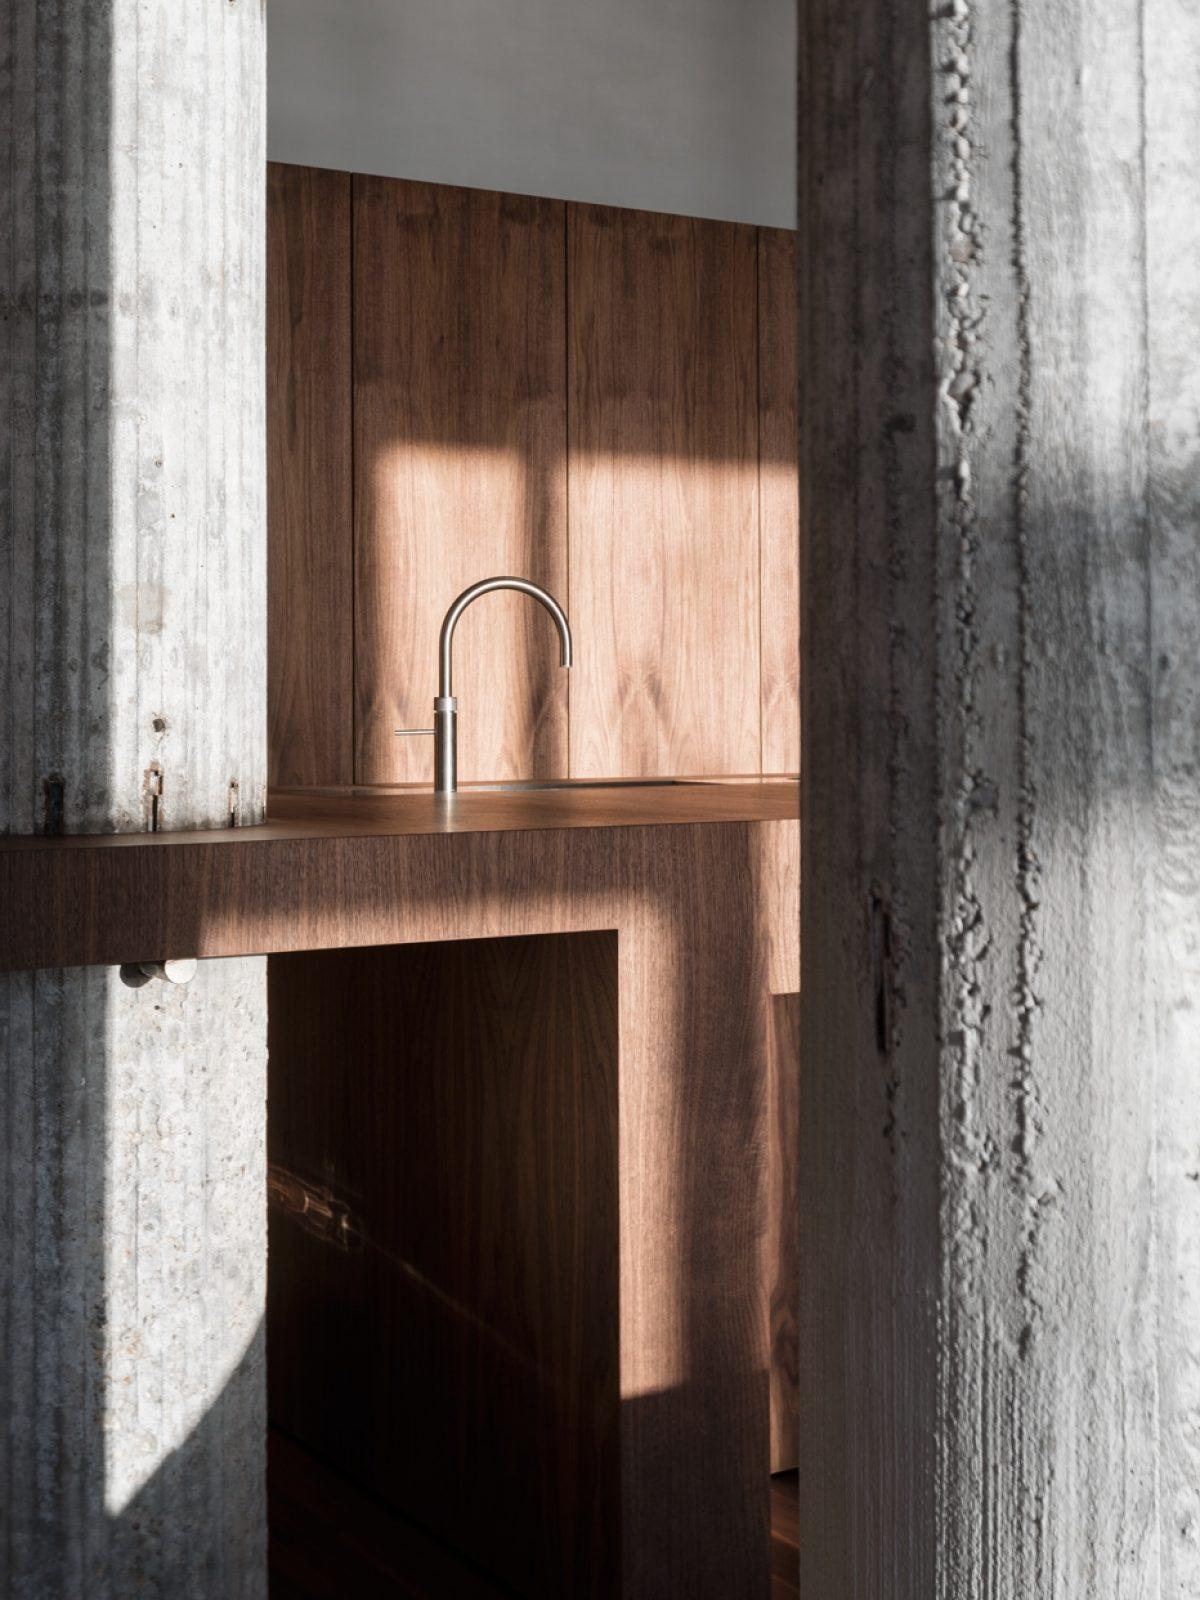 9 De Bank KAAN Architecten Simone Bossi